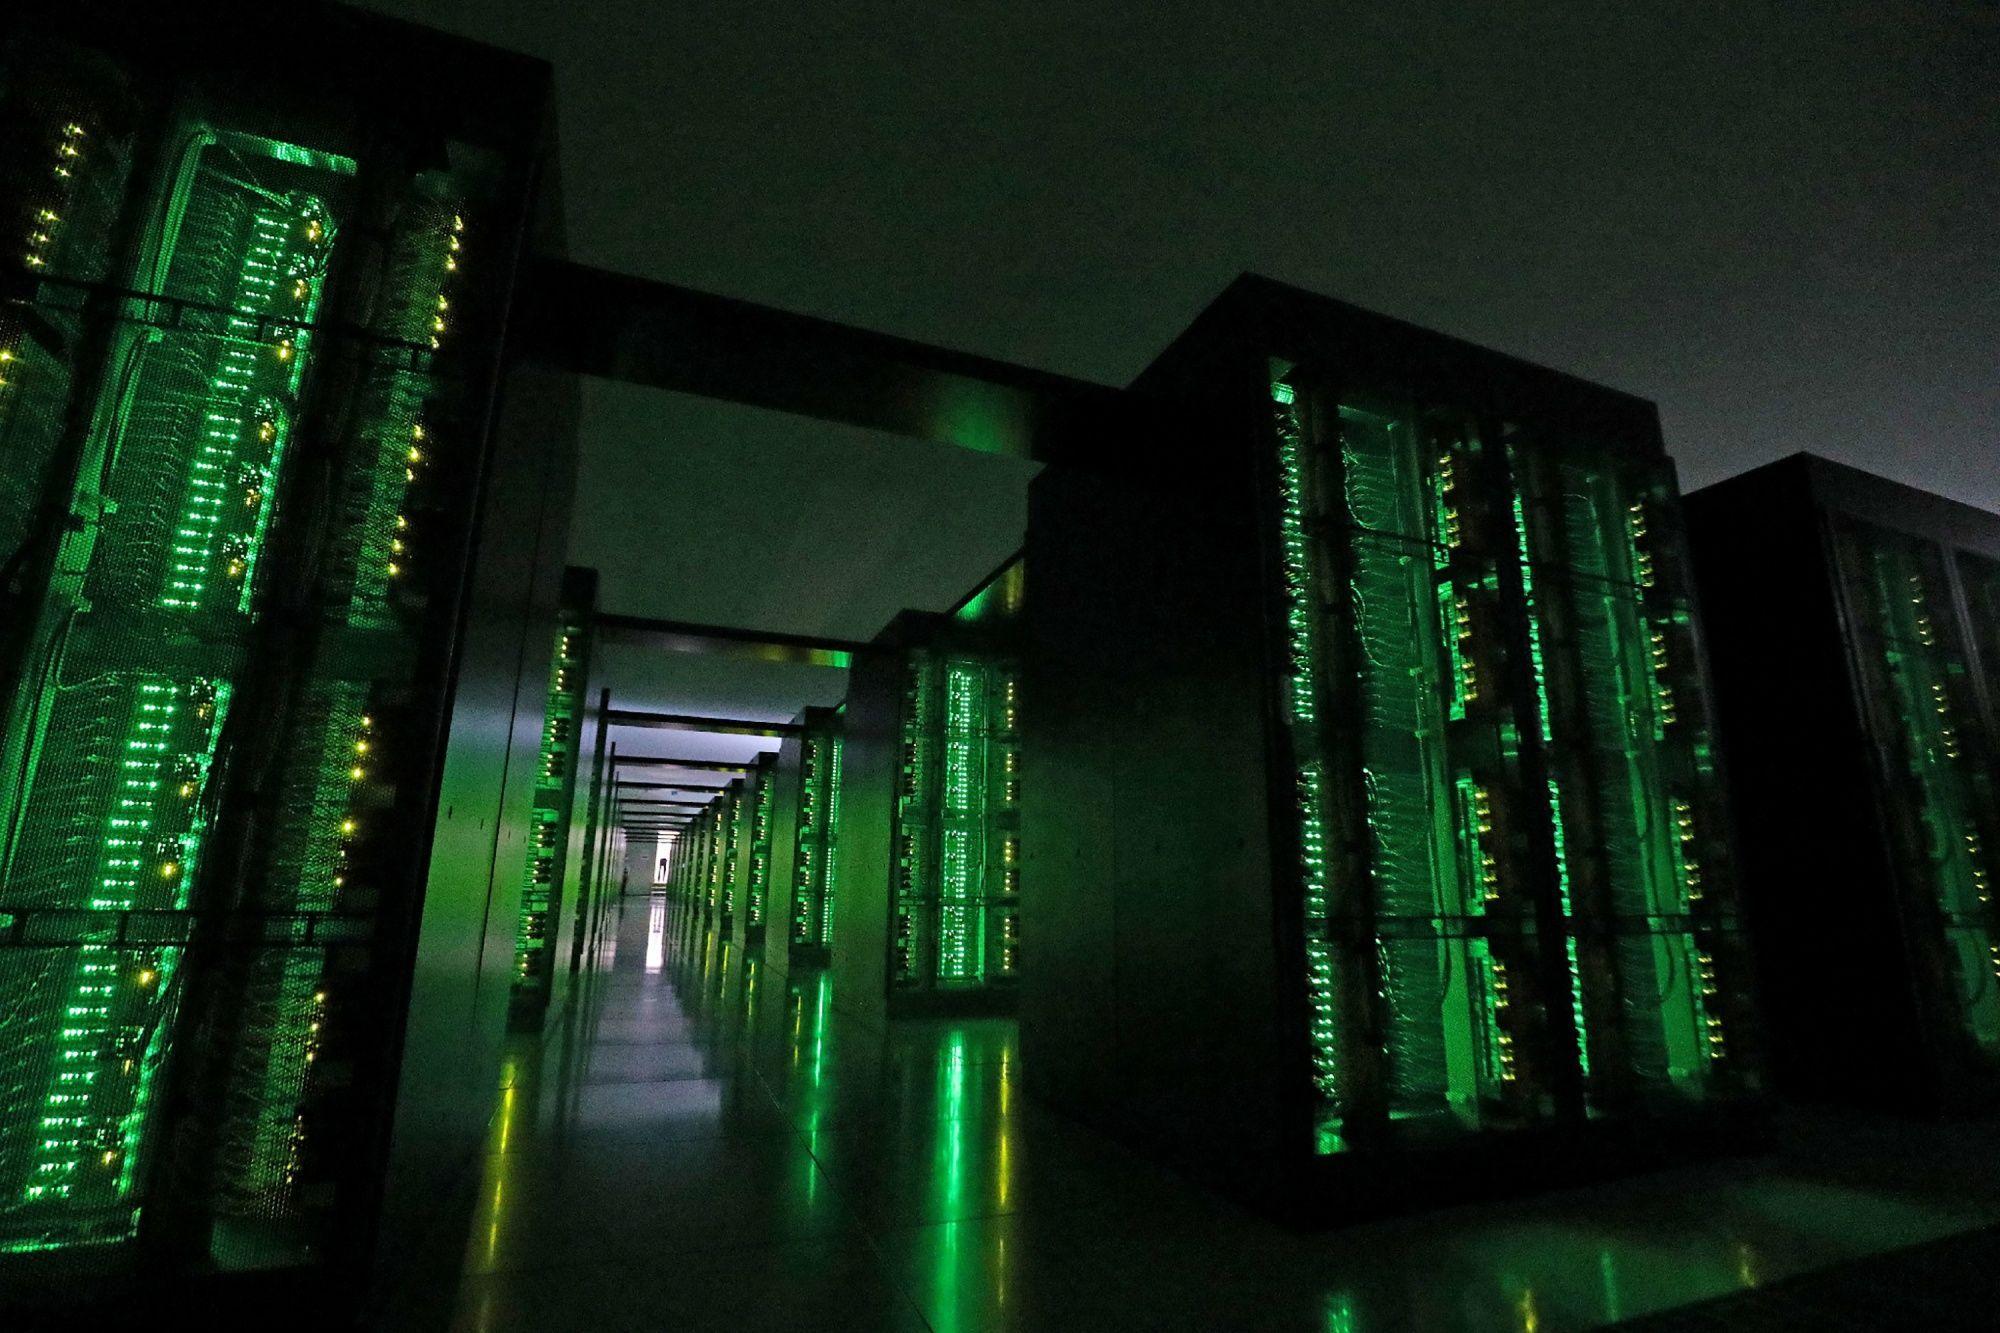 Обновление списка TOP500 впервые лидером стал суперкомпьютер на процессорах ARM